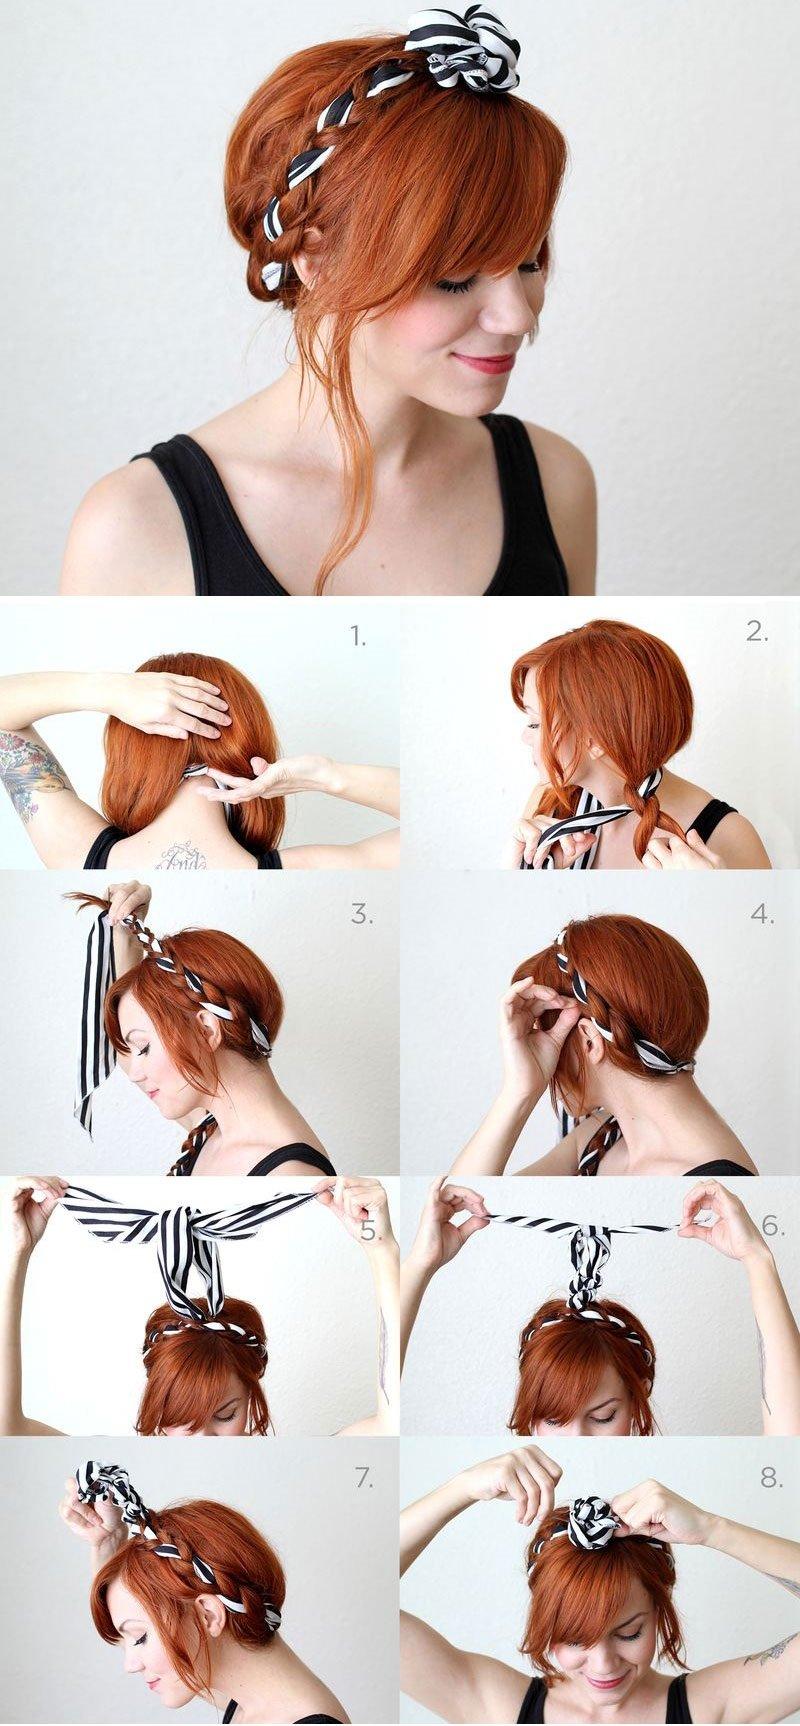 прическа за 5 минут на волосы